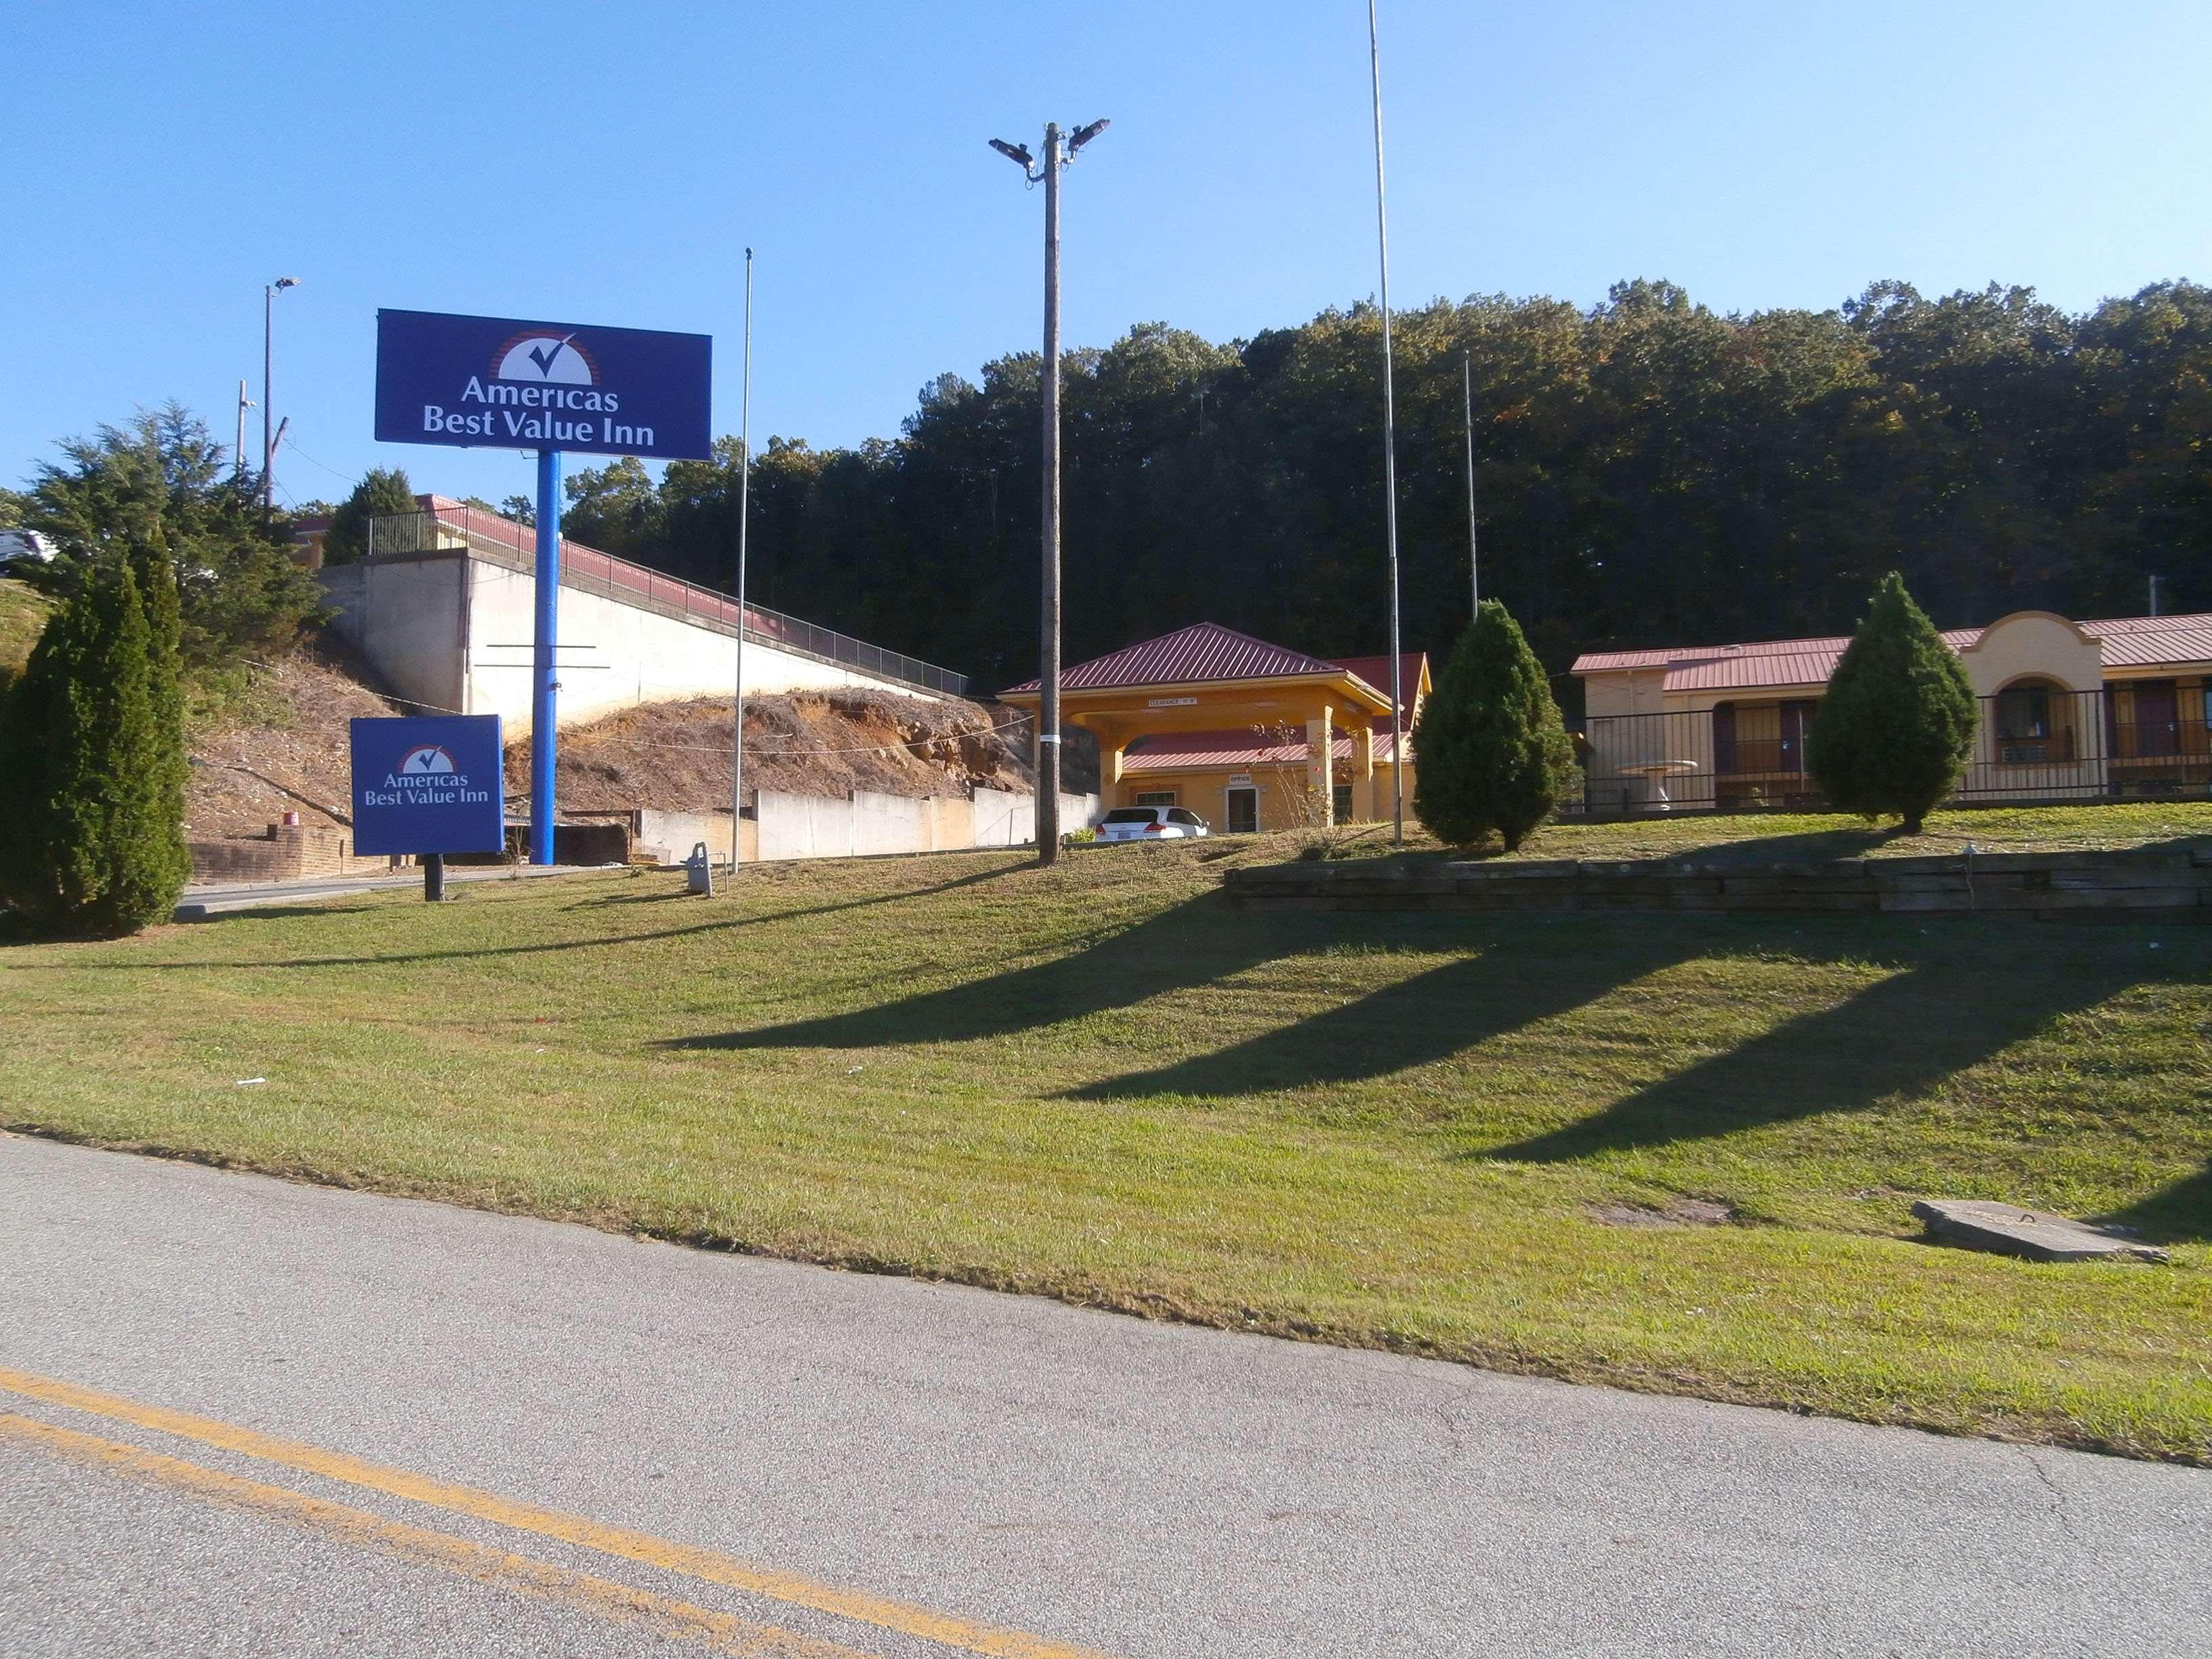 Hotels Near Cartersville Ga